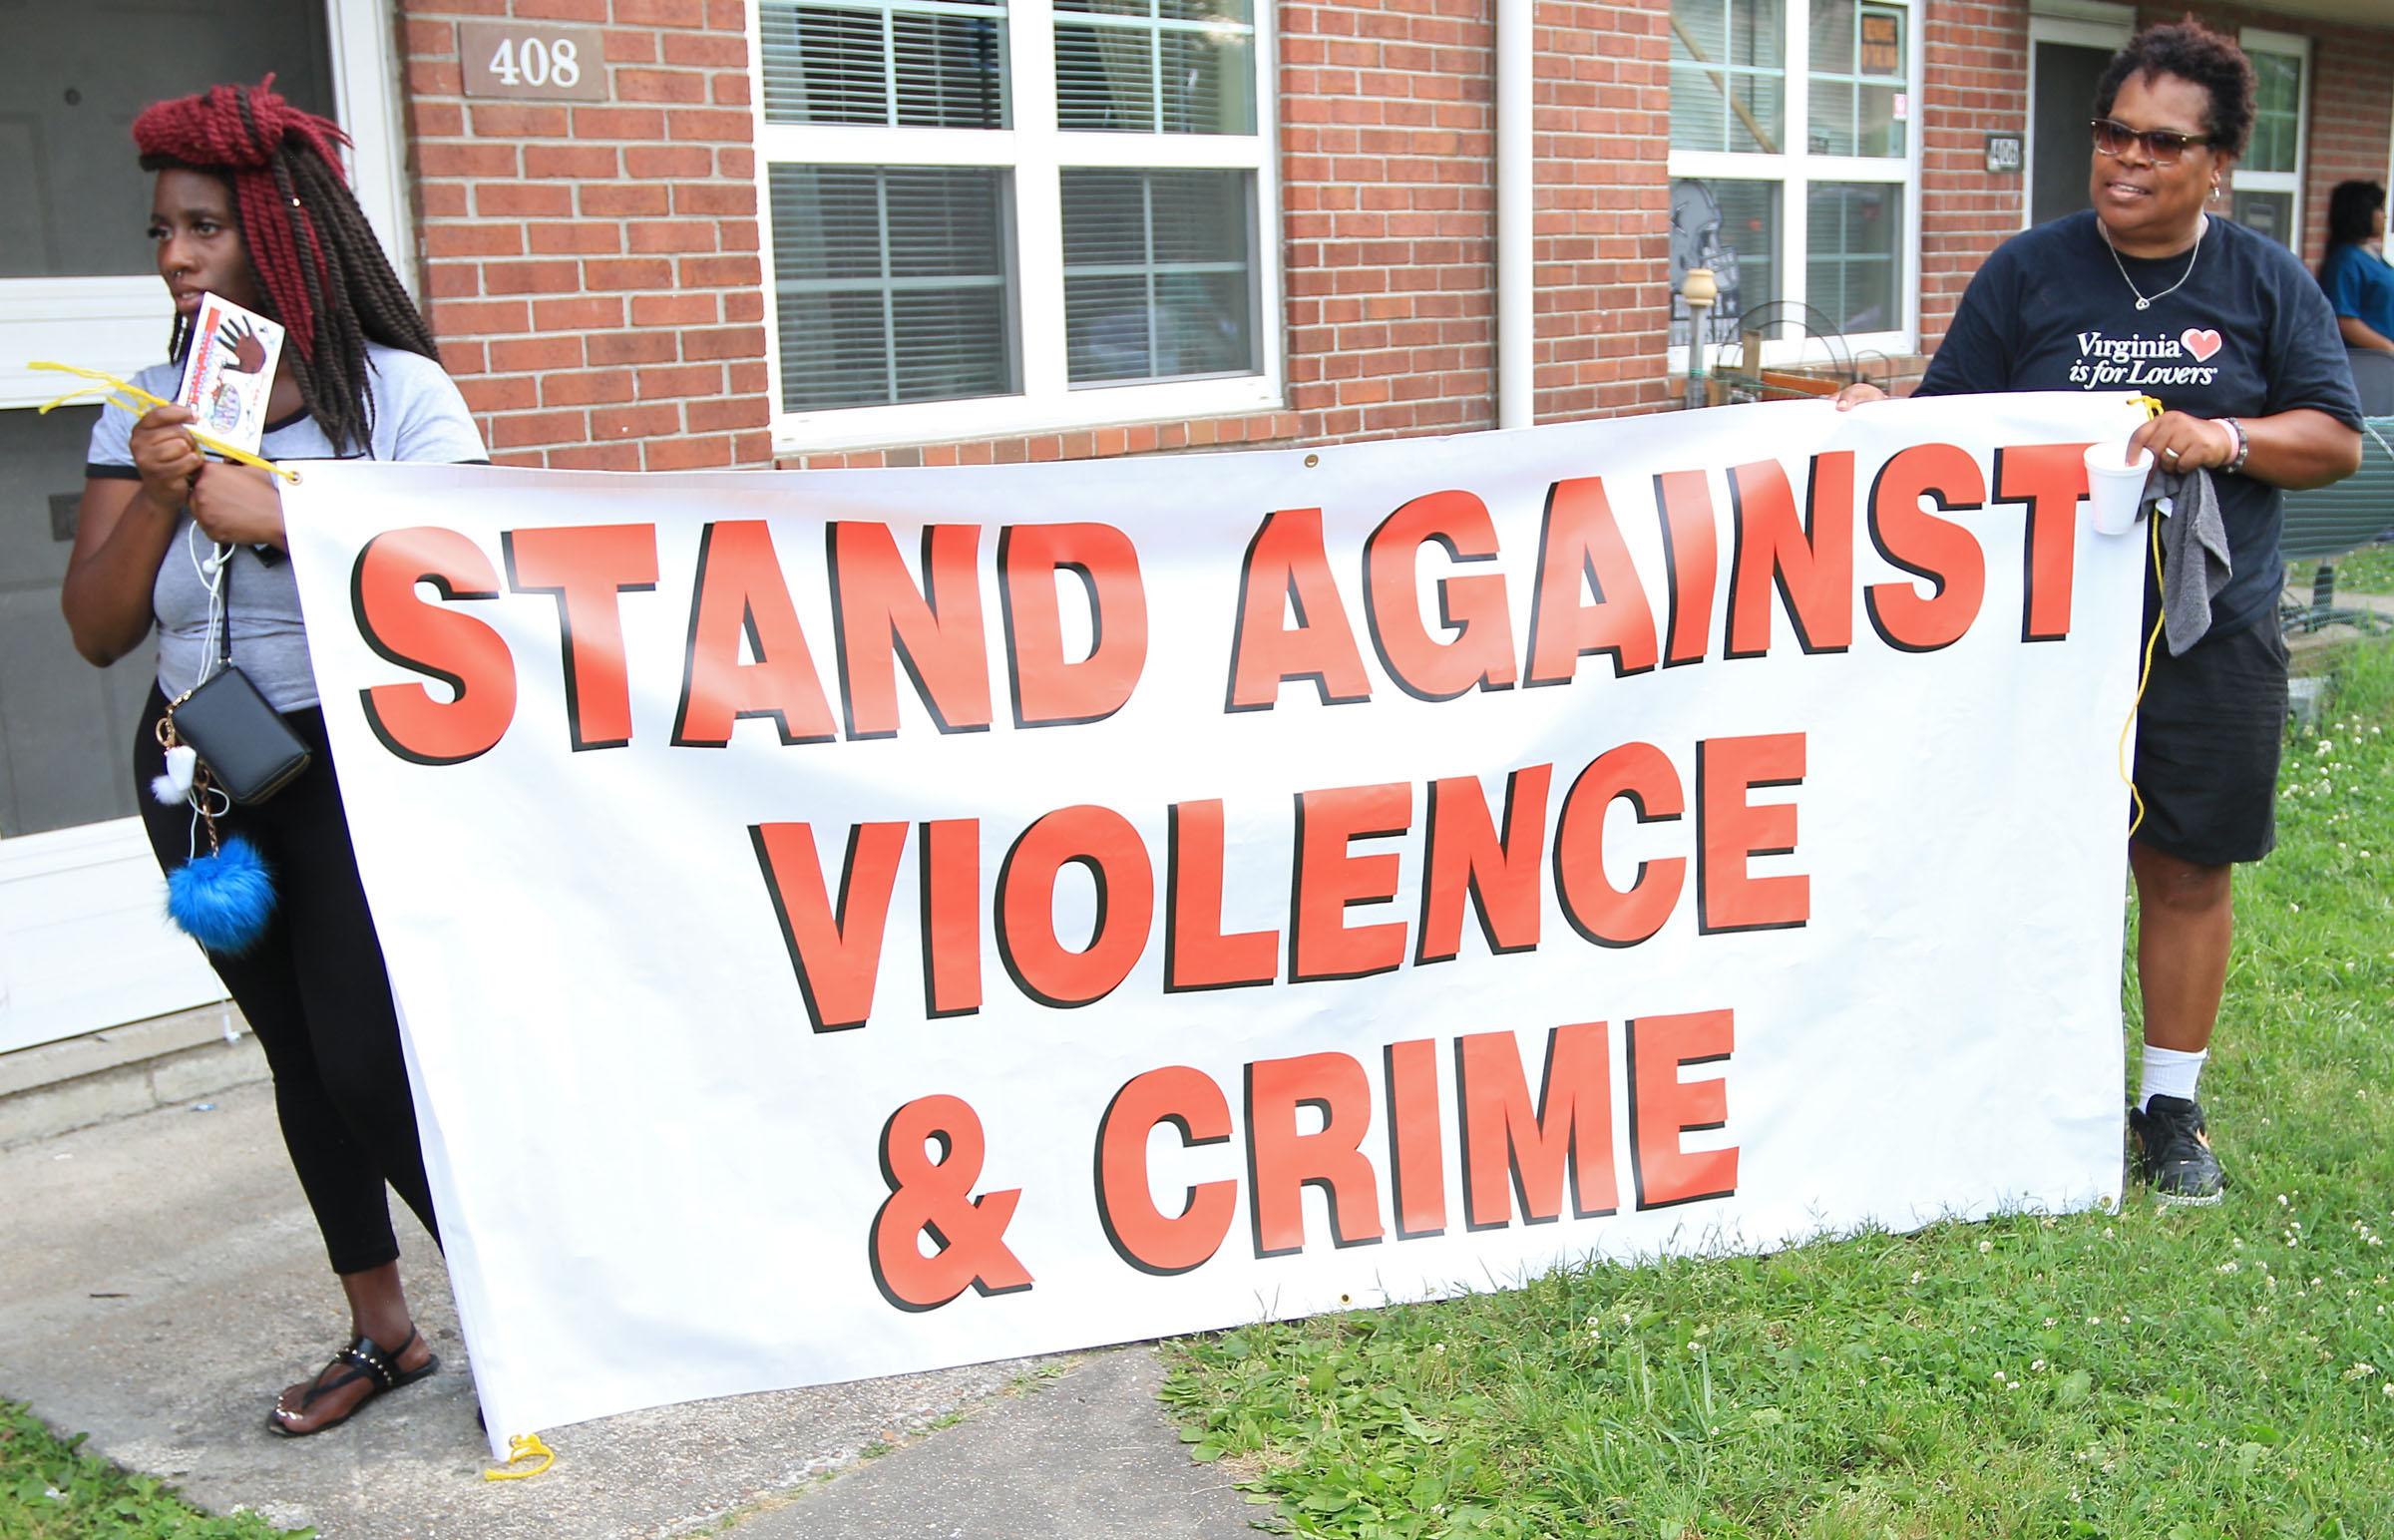 Rally Speakers Seek Justice In Deadly Police Shooting